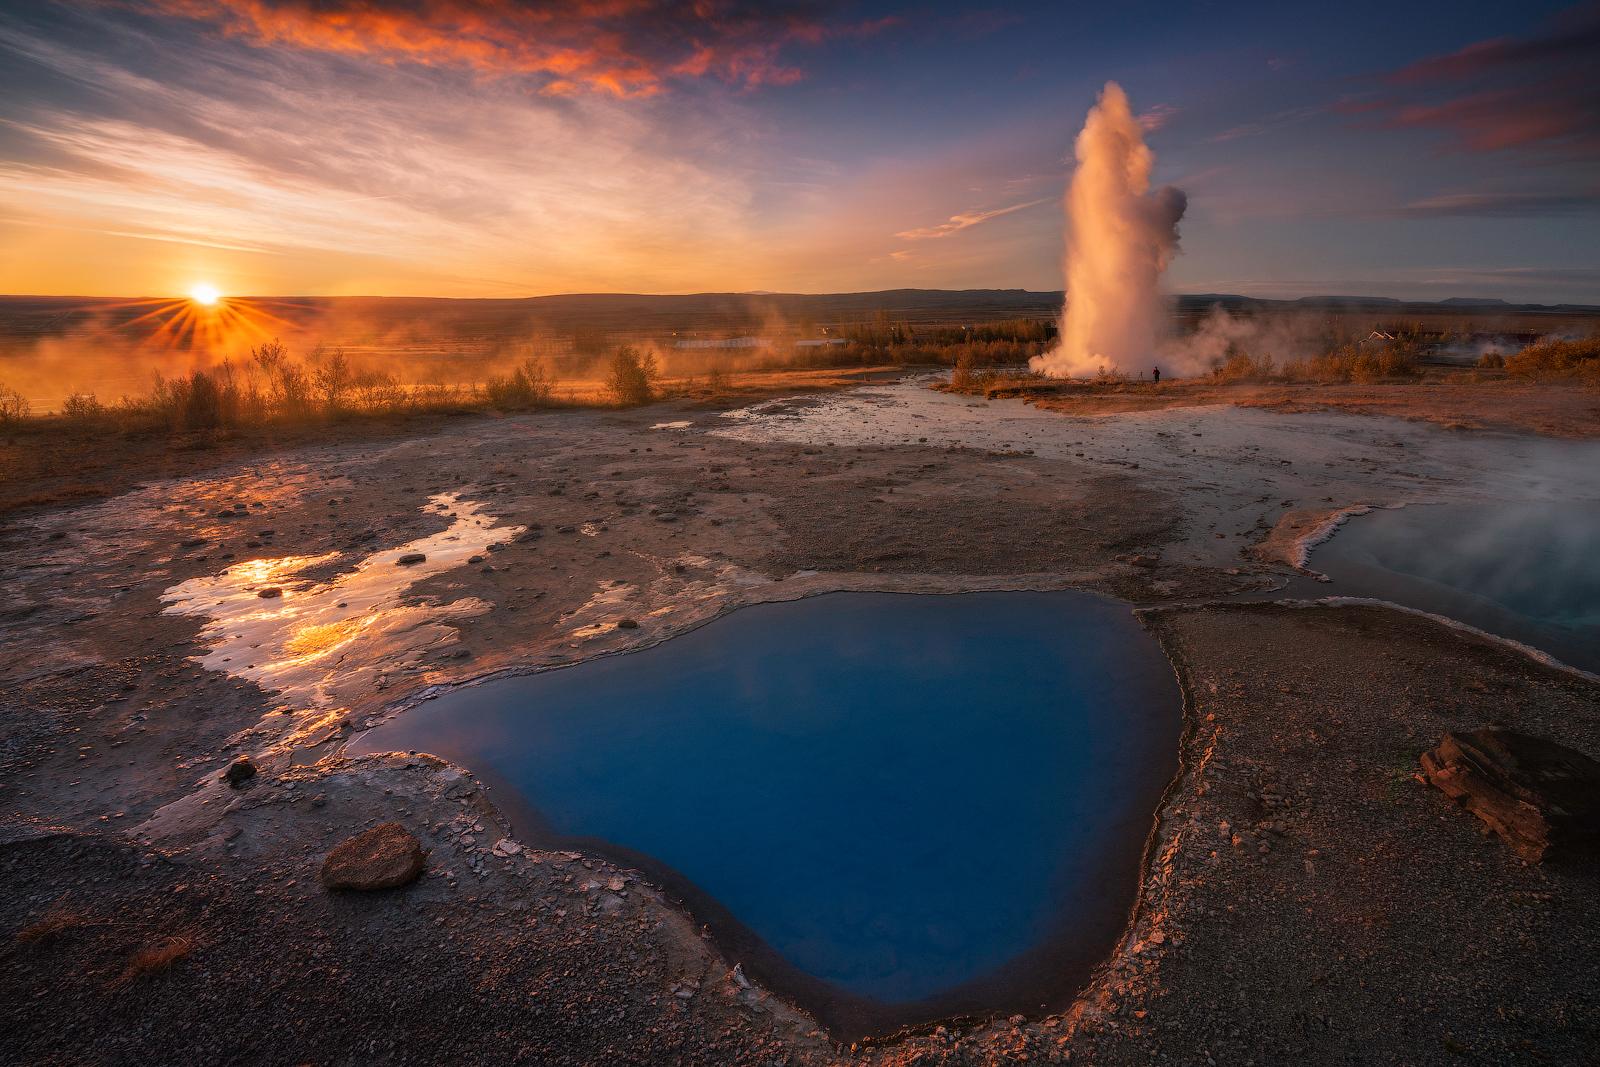 ไอซ์แลนด์เป็นดินแดนมหัศจรรย์ใต้พิภพ.